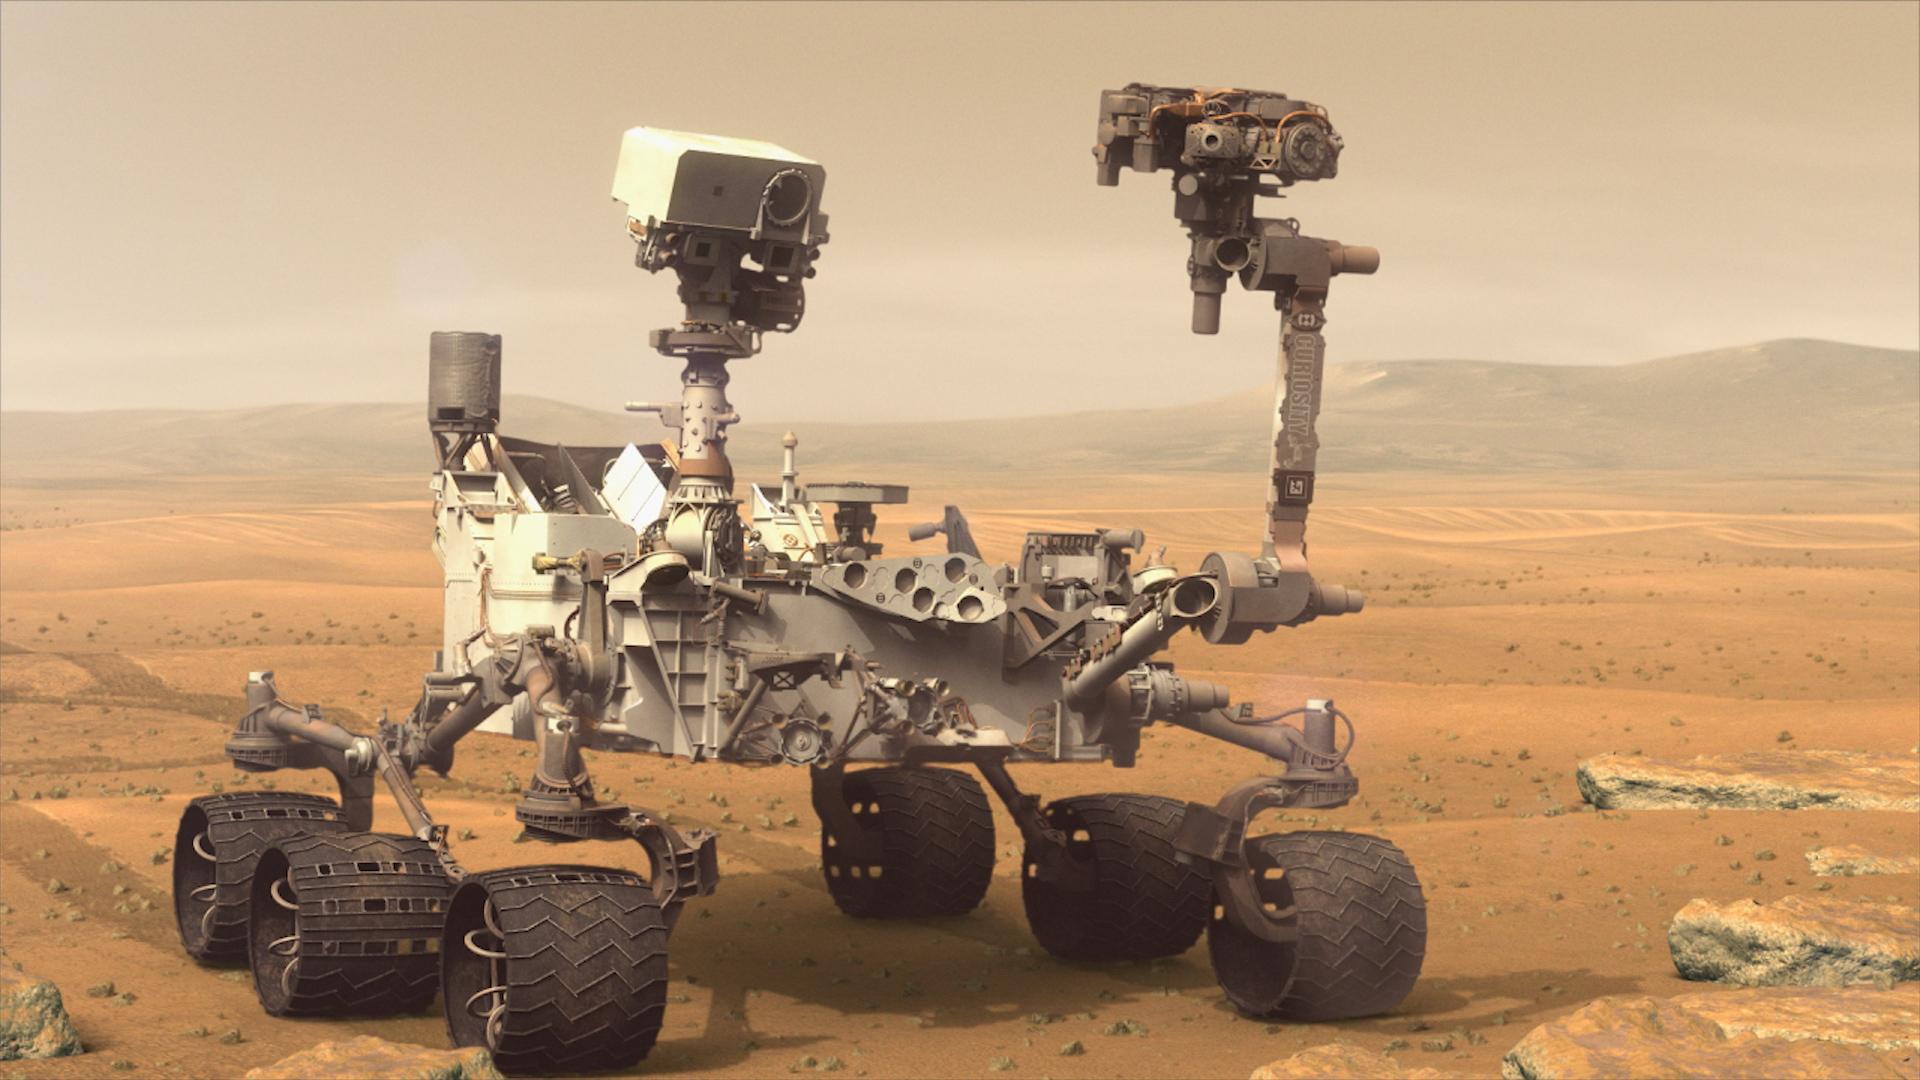 Марсоход Curiosity остановил работу научных инструментов из-за сложностей спередачей данных